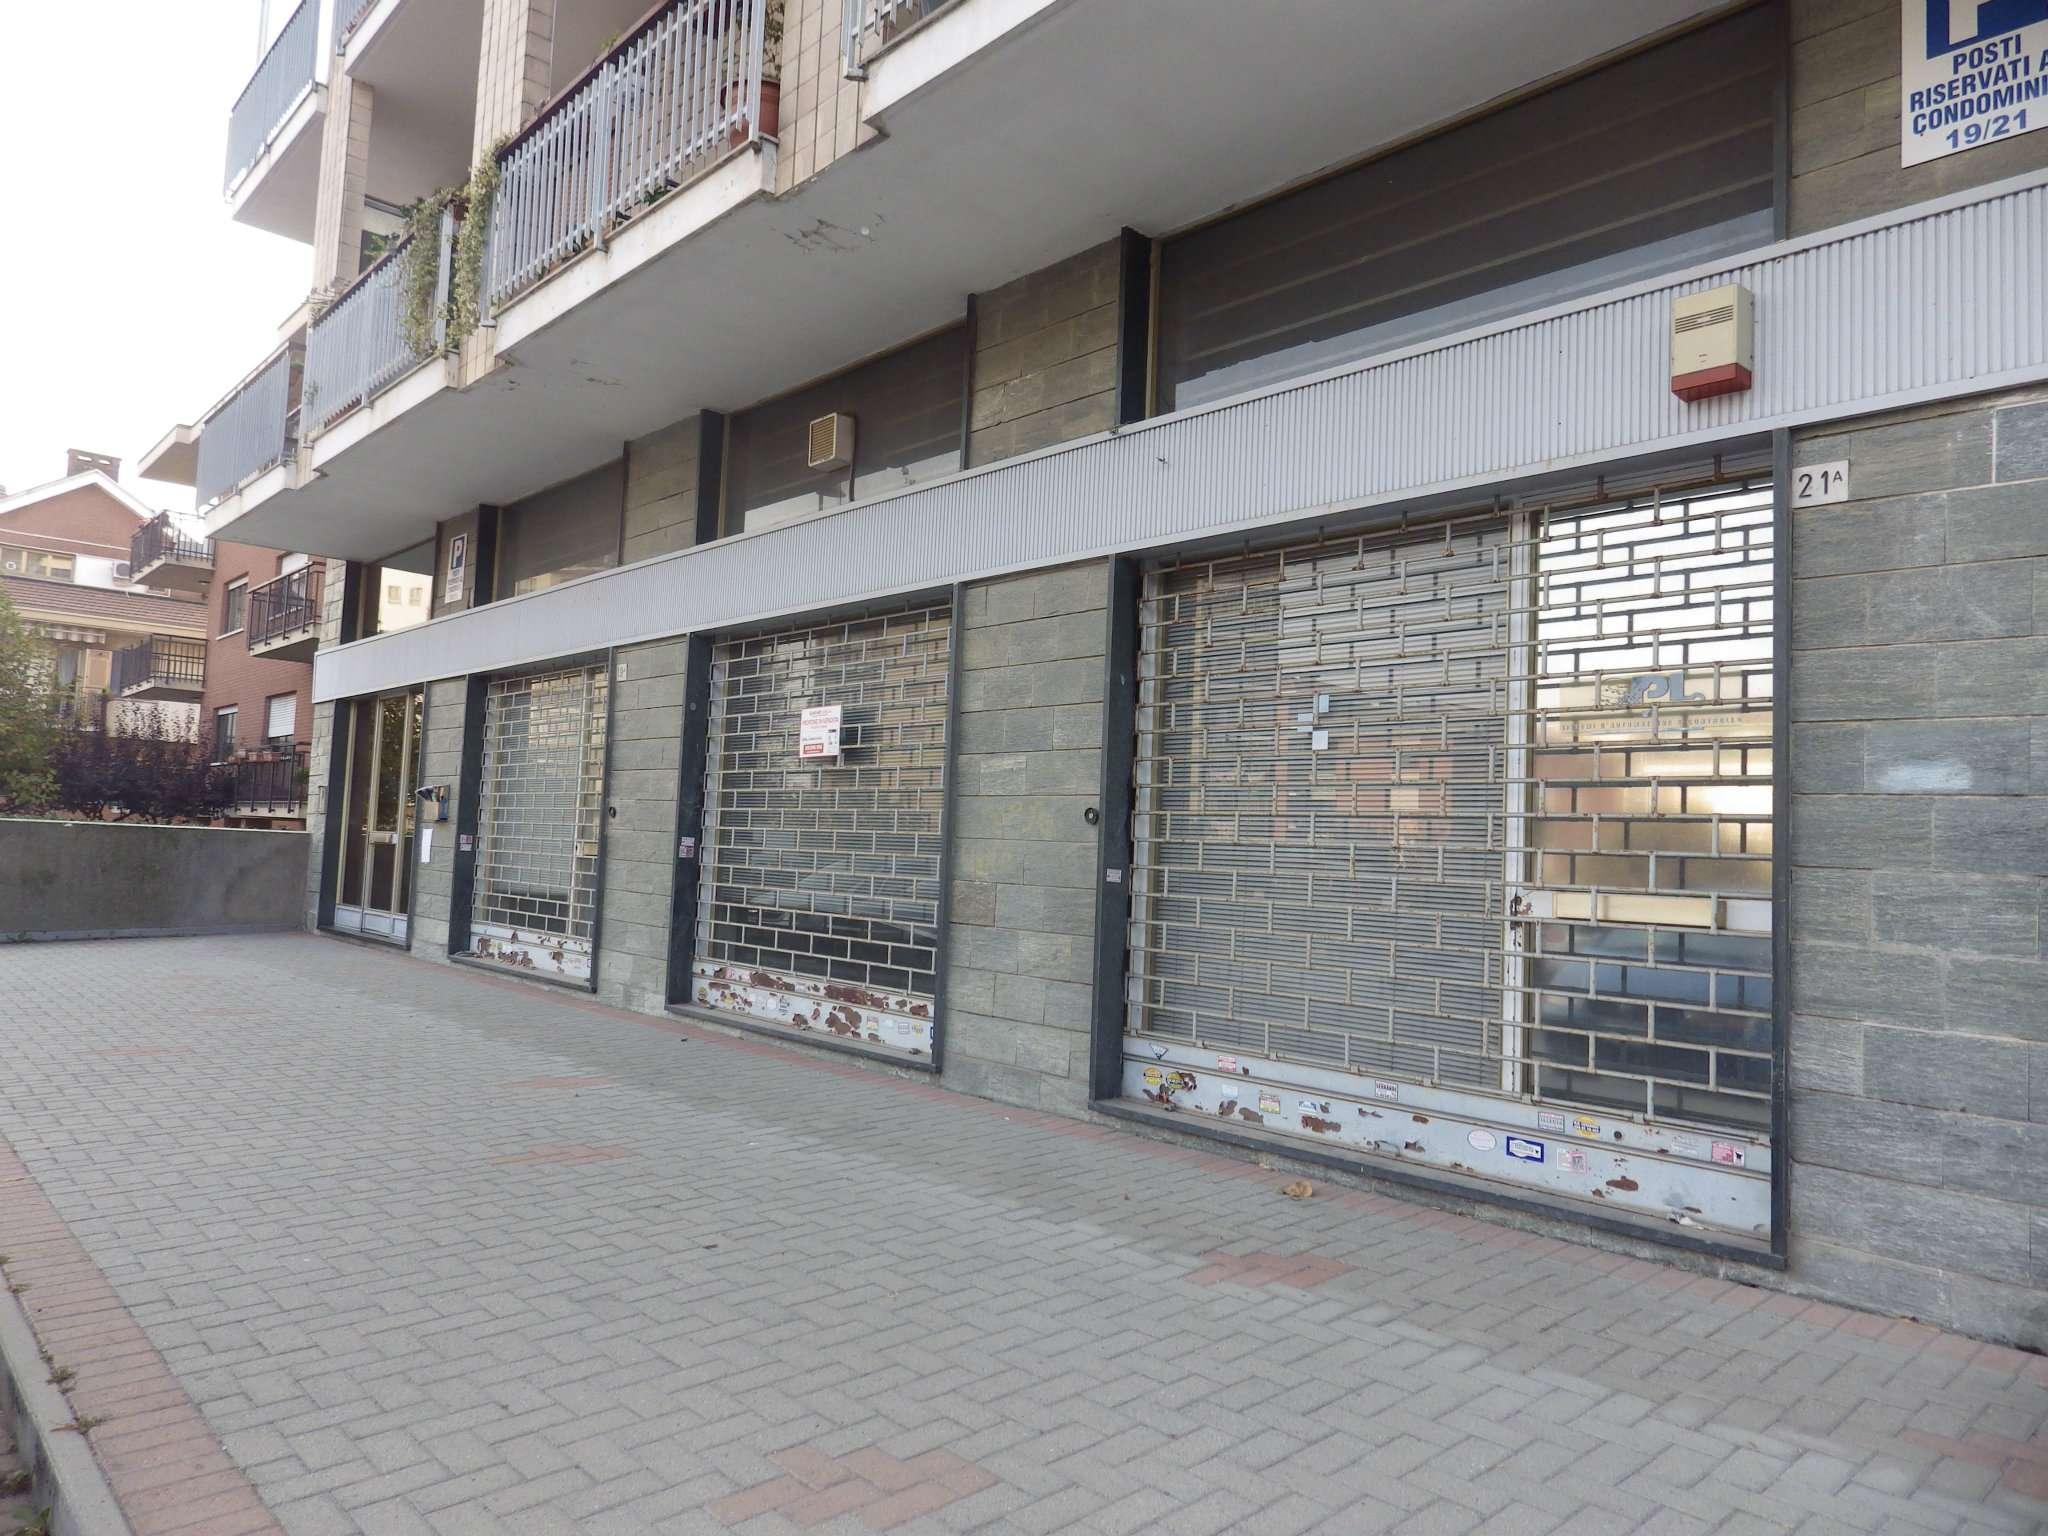 Immagine immobiliare Locale commerciale a Collegno In prossimità del Corso Francia, locale commerciale di circa 130 mq. ad uso negozio con 3 vetrine, retro e servizi. Cantina.Locale luminoso. LIBERO SUBITO.